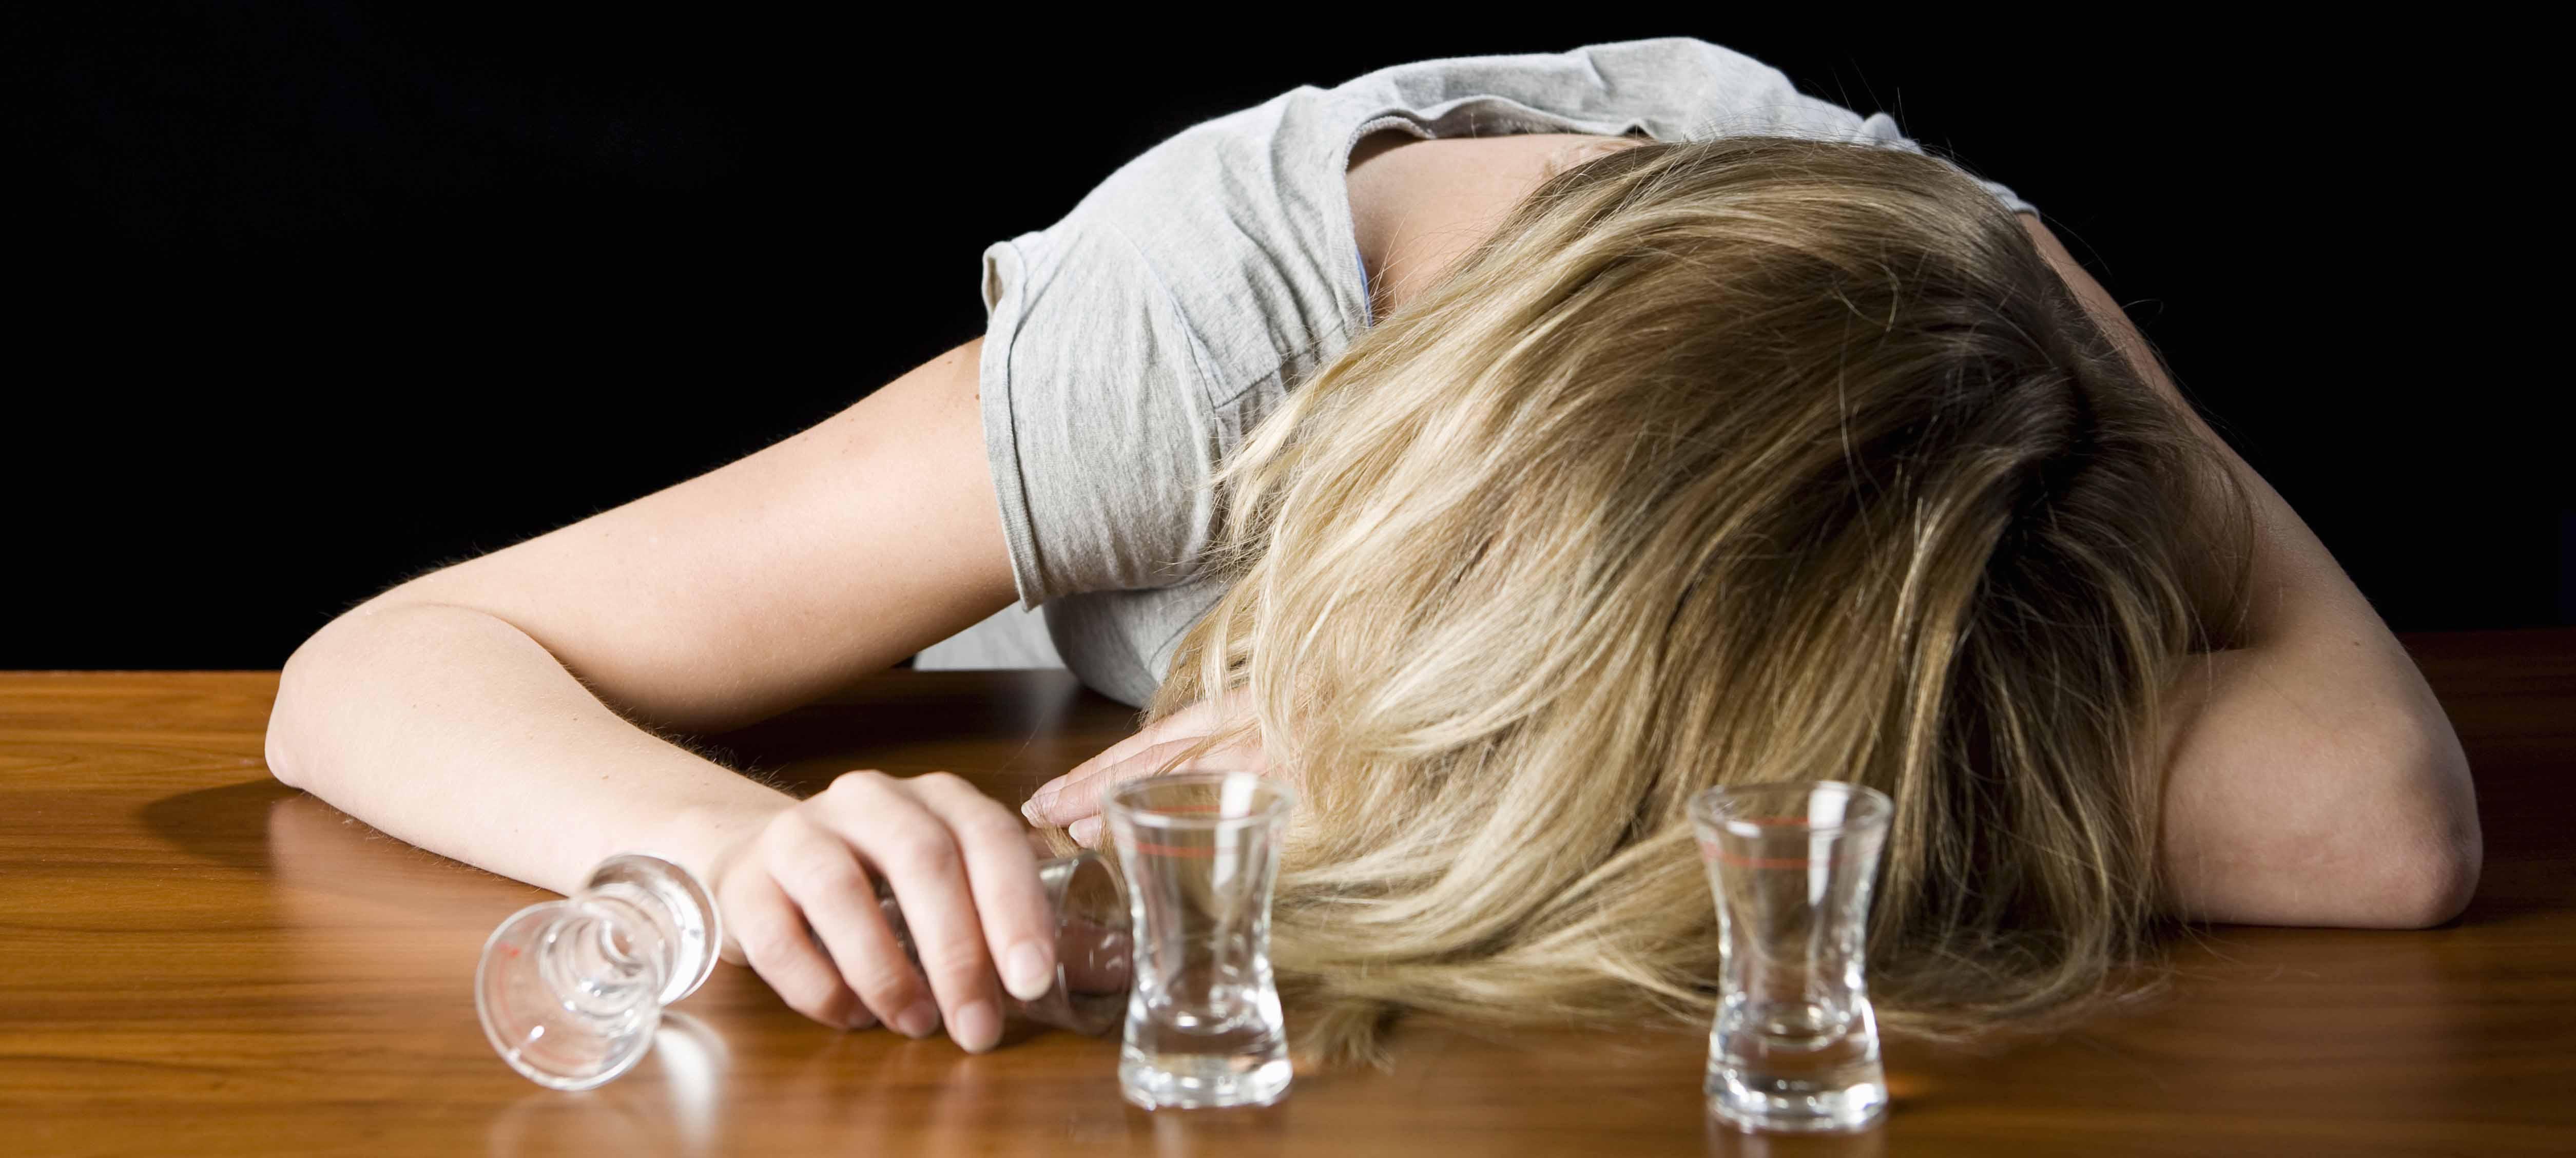 Пьяное путешествие из бара домой закончилось для жительницы Карелии в суде